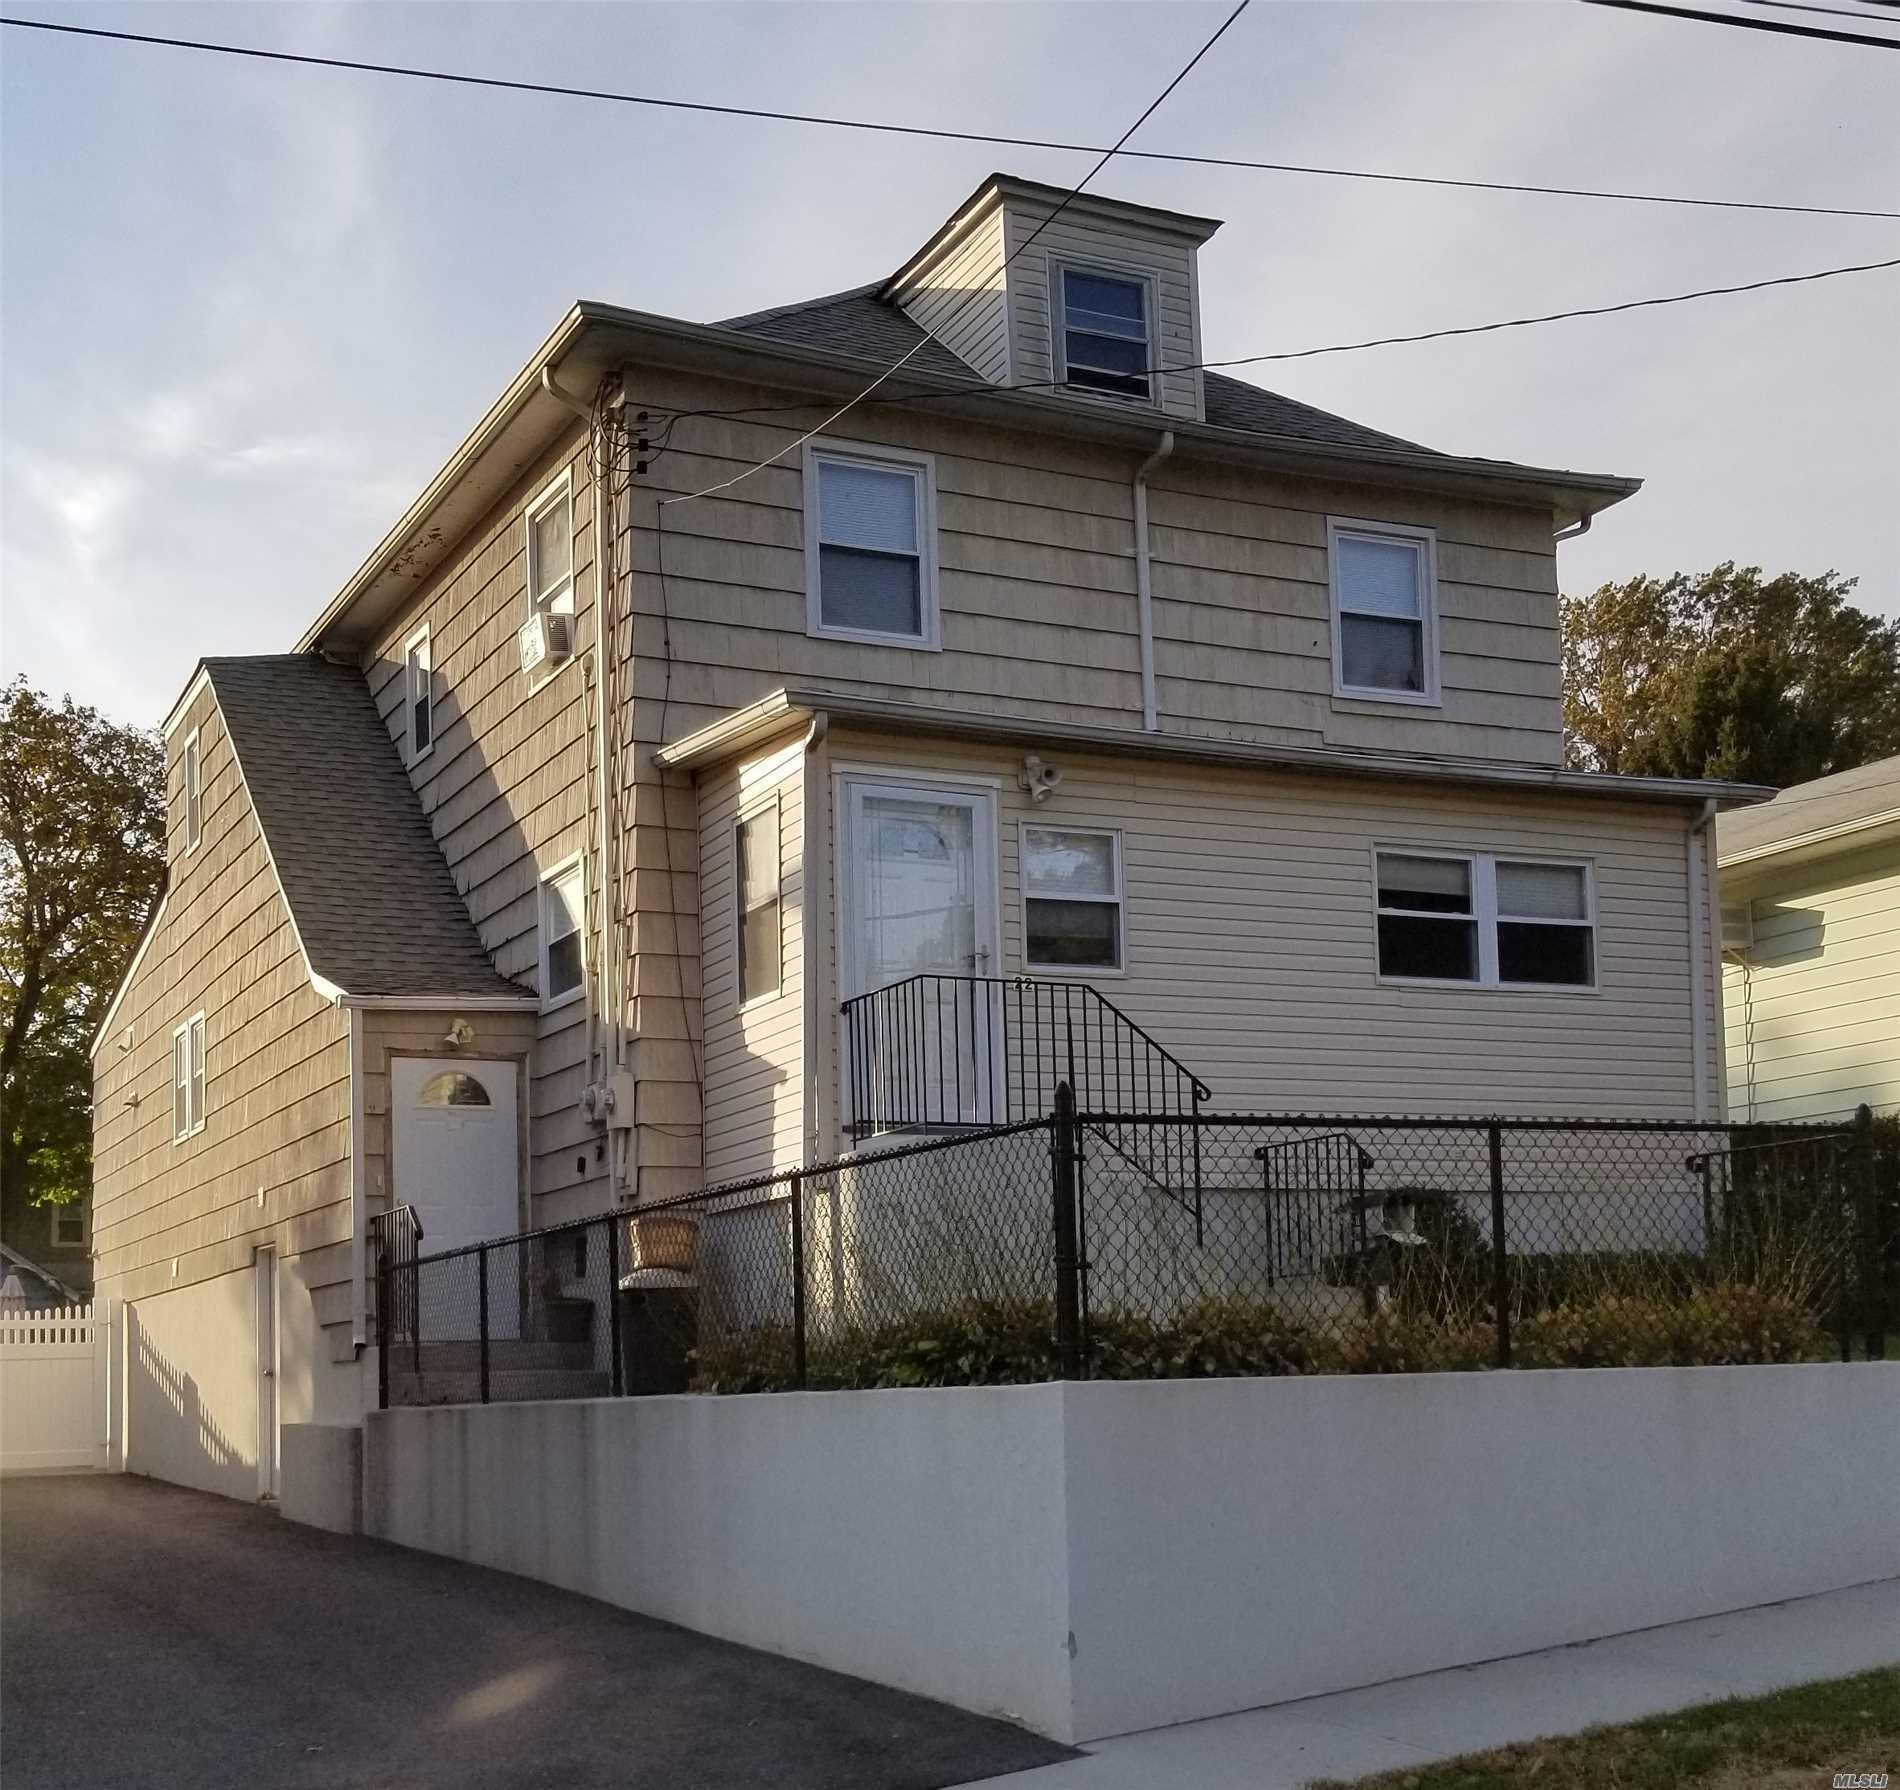 22 Rose Ave - Glen Cove, New York